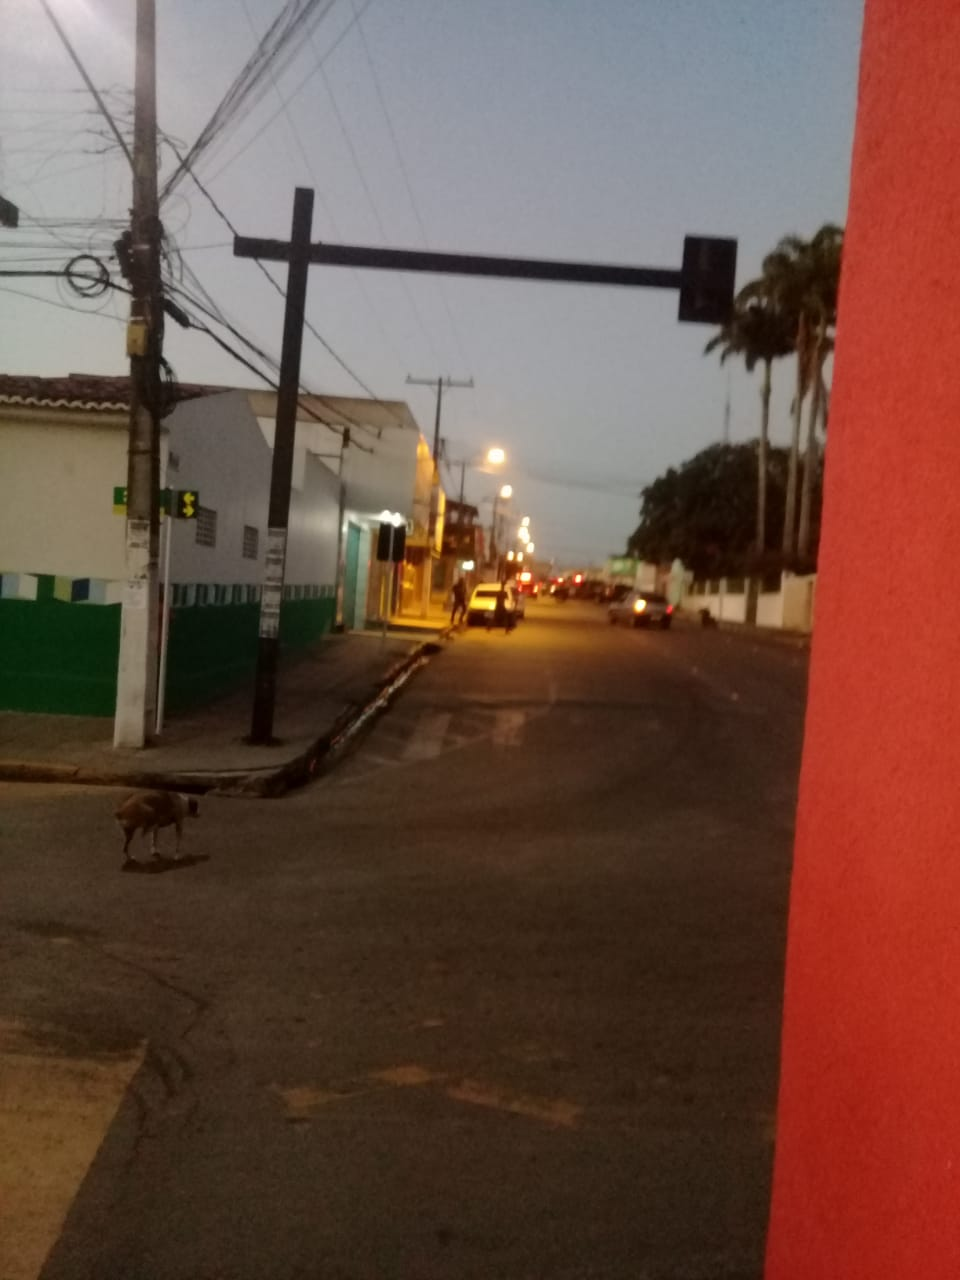 Nove suspeitos de assalto a banco foram mortos durante operação em Girau do Ponciano